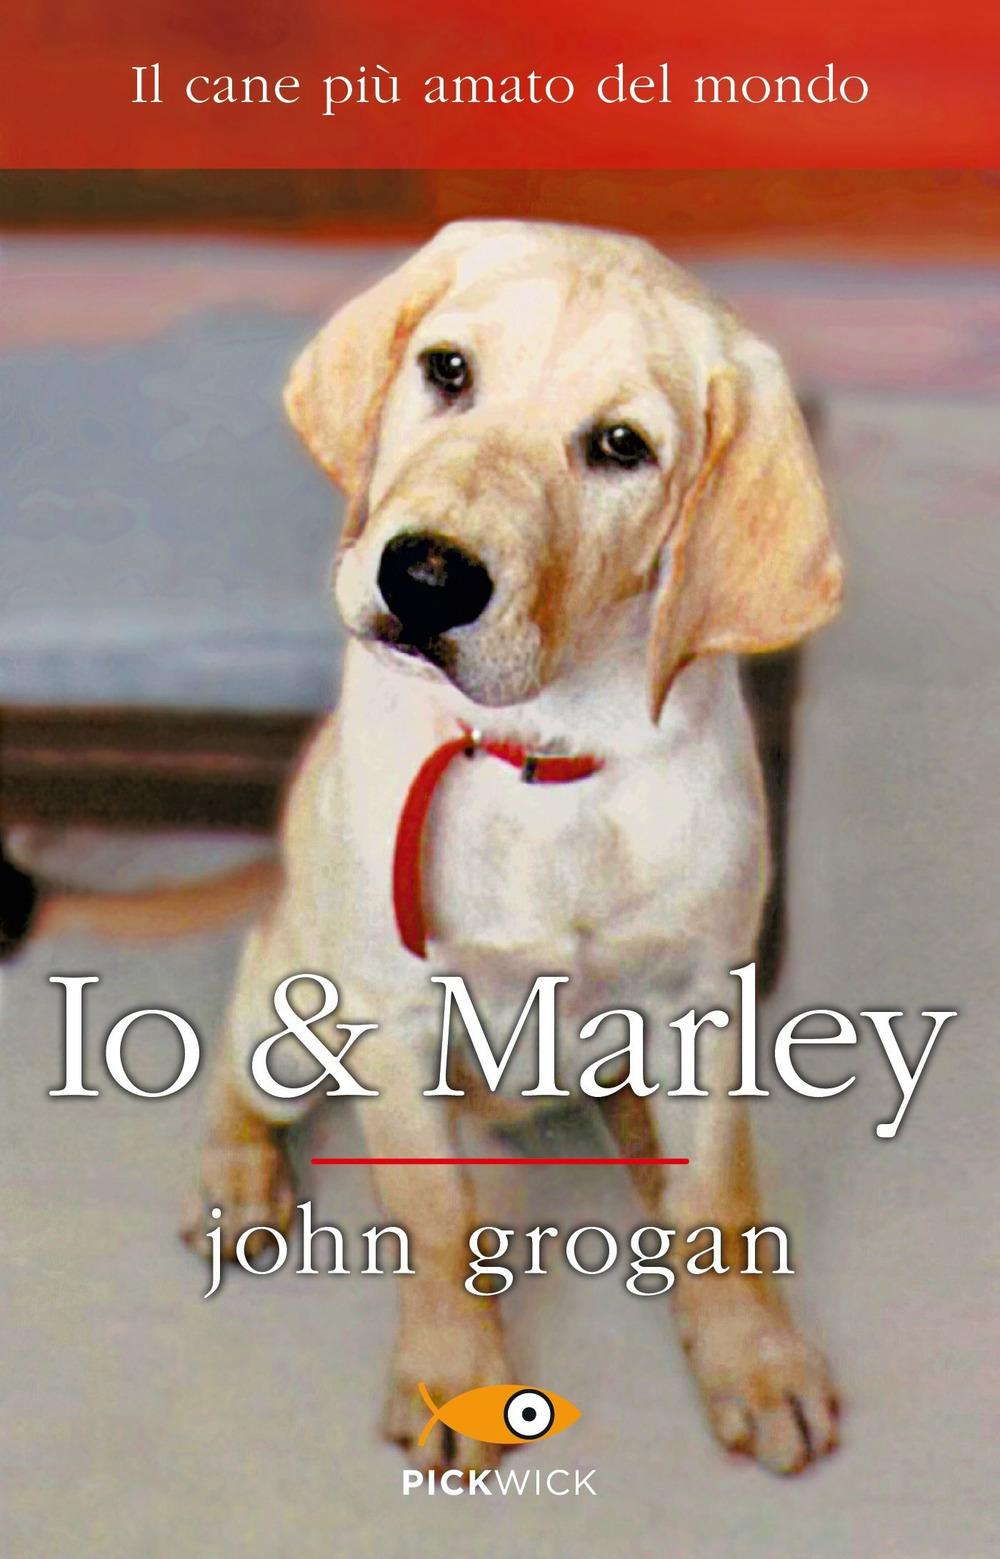 JOHN GROGAN - IO & MARLEY